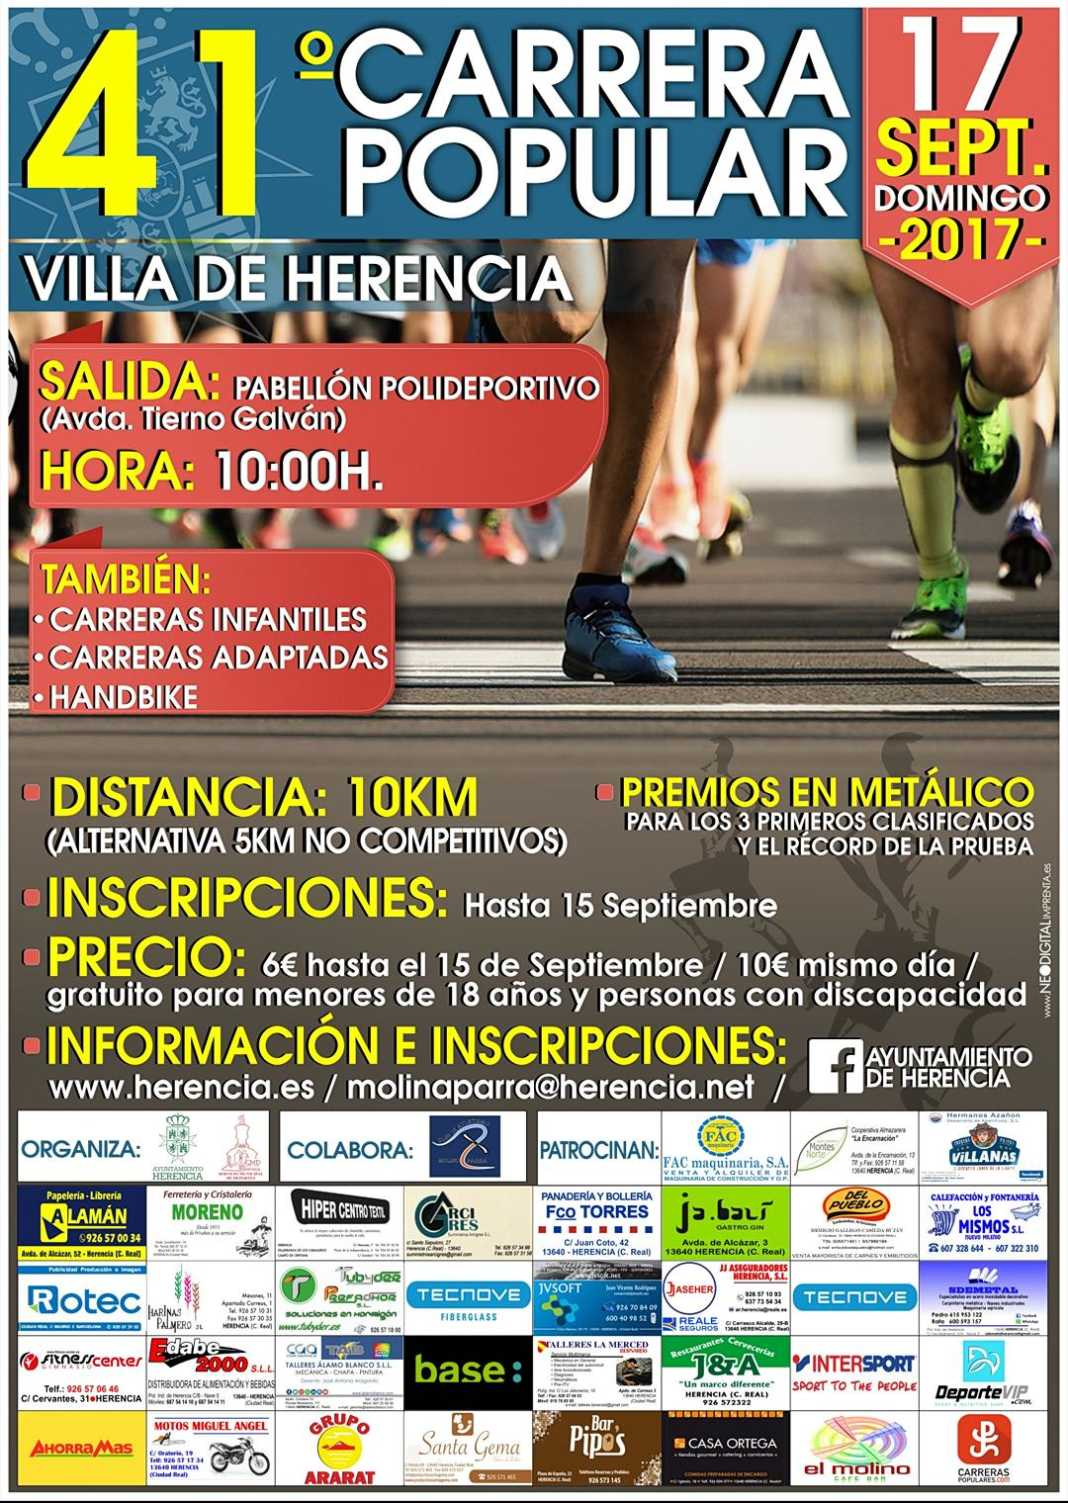 """Abierto el plazo de inscripción para la 41 Carrera Popular """"Villa de Herencia"""" 4"""